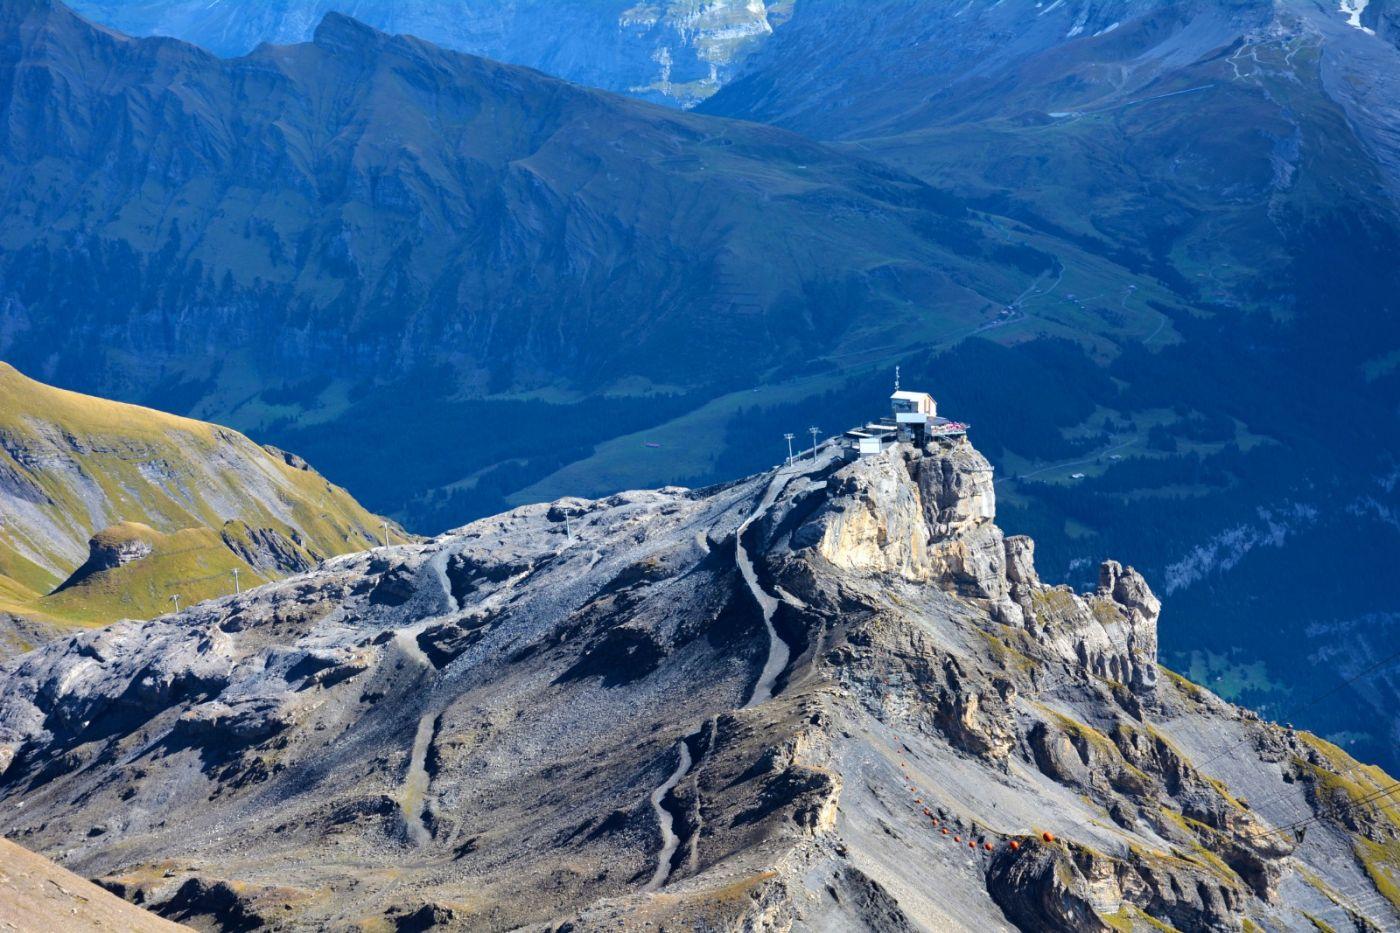 登上阿尔卑斯山遥望少女、勃朗峰_图1-8